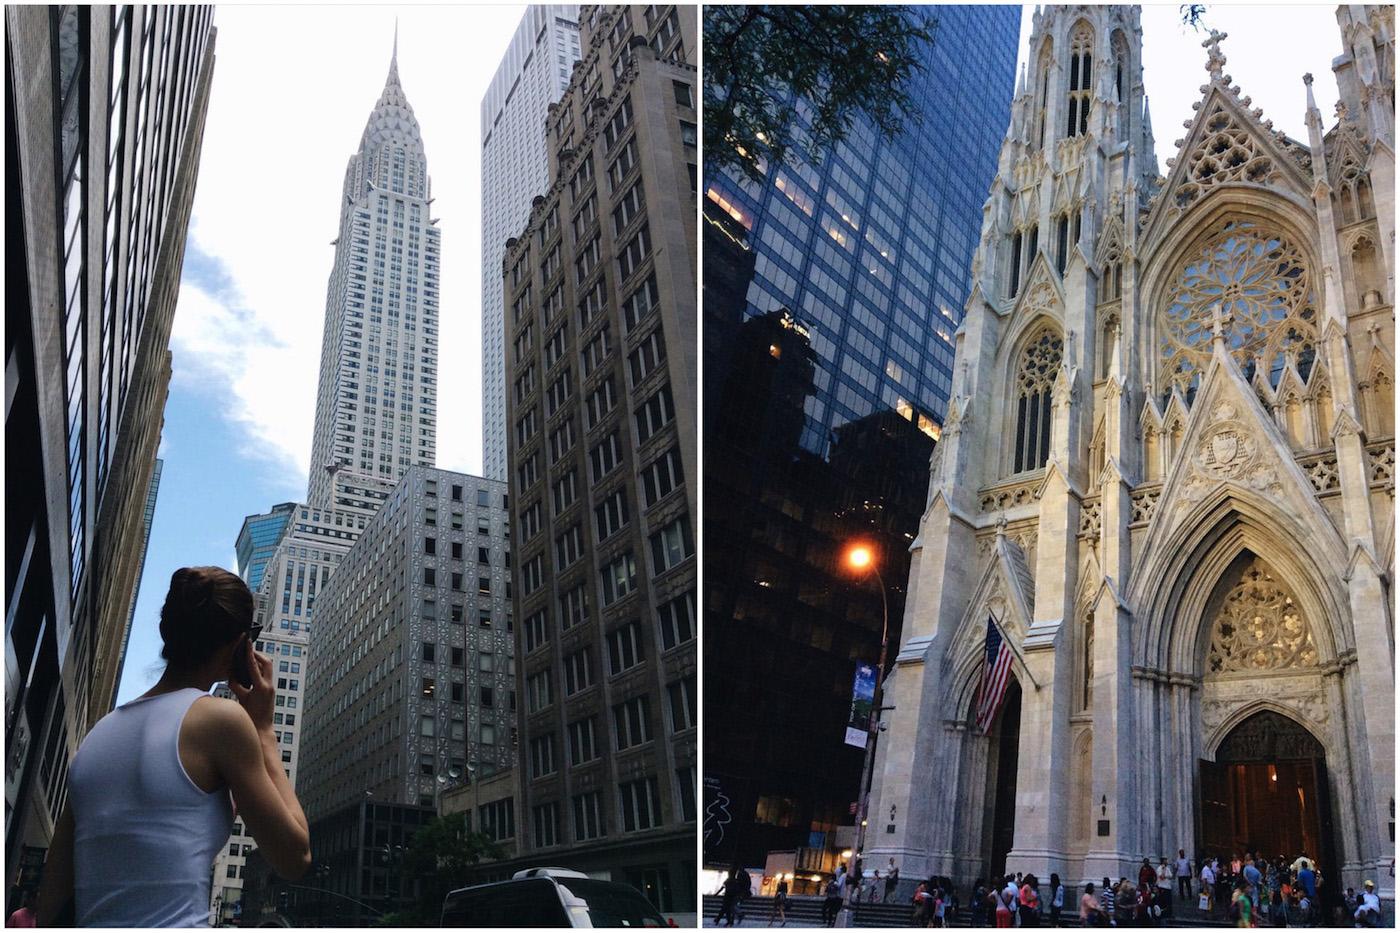 Chrysler Building, NYC | Saint Thomas Church, NYC